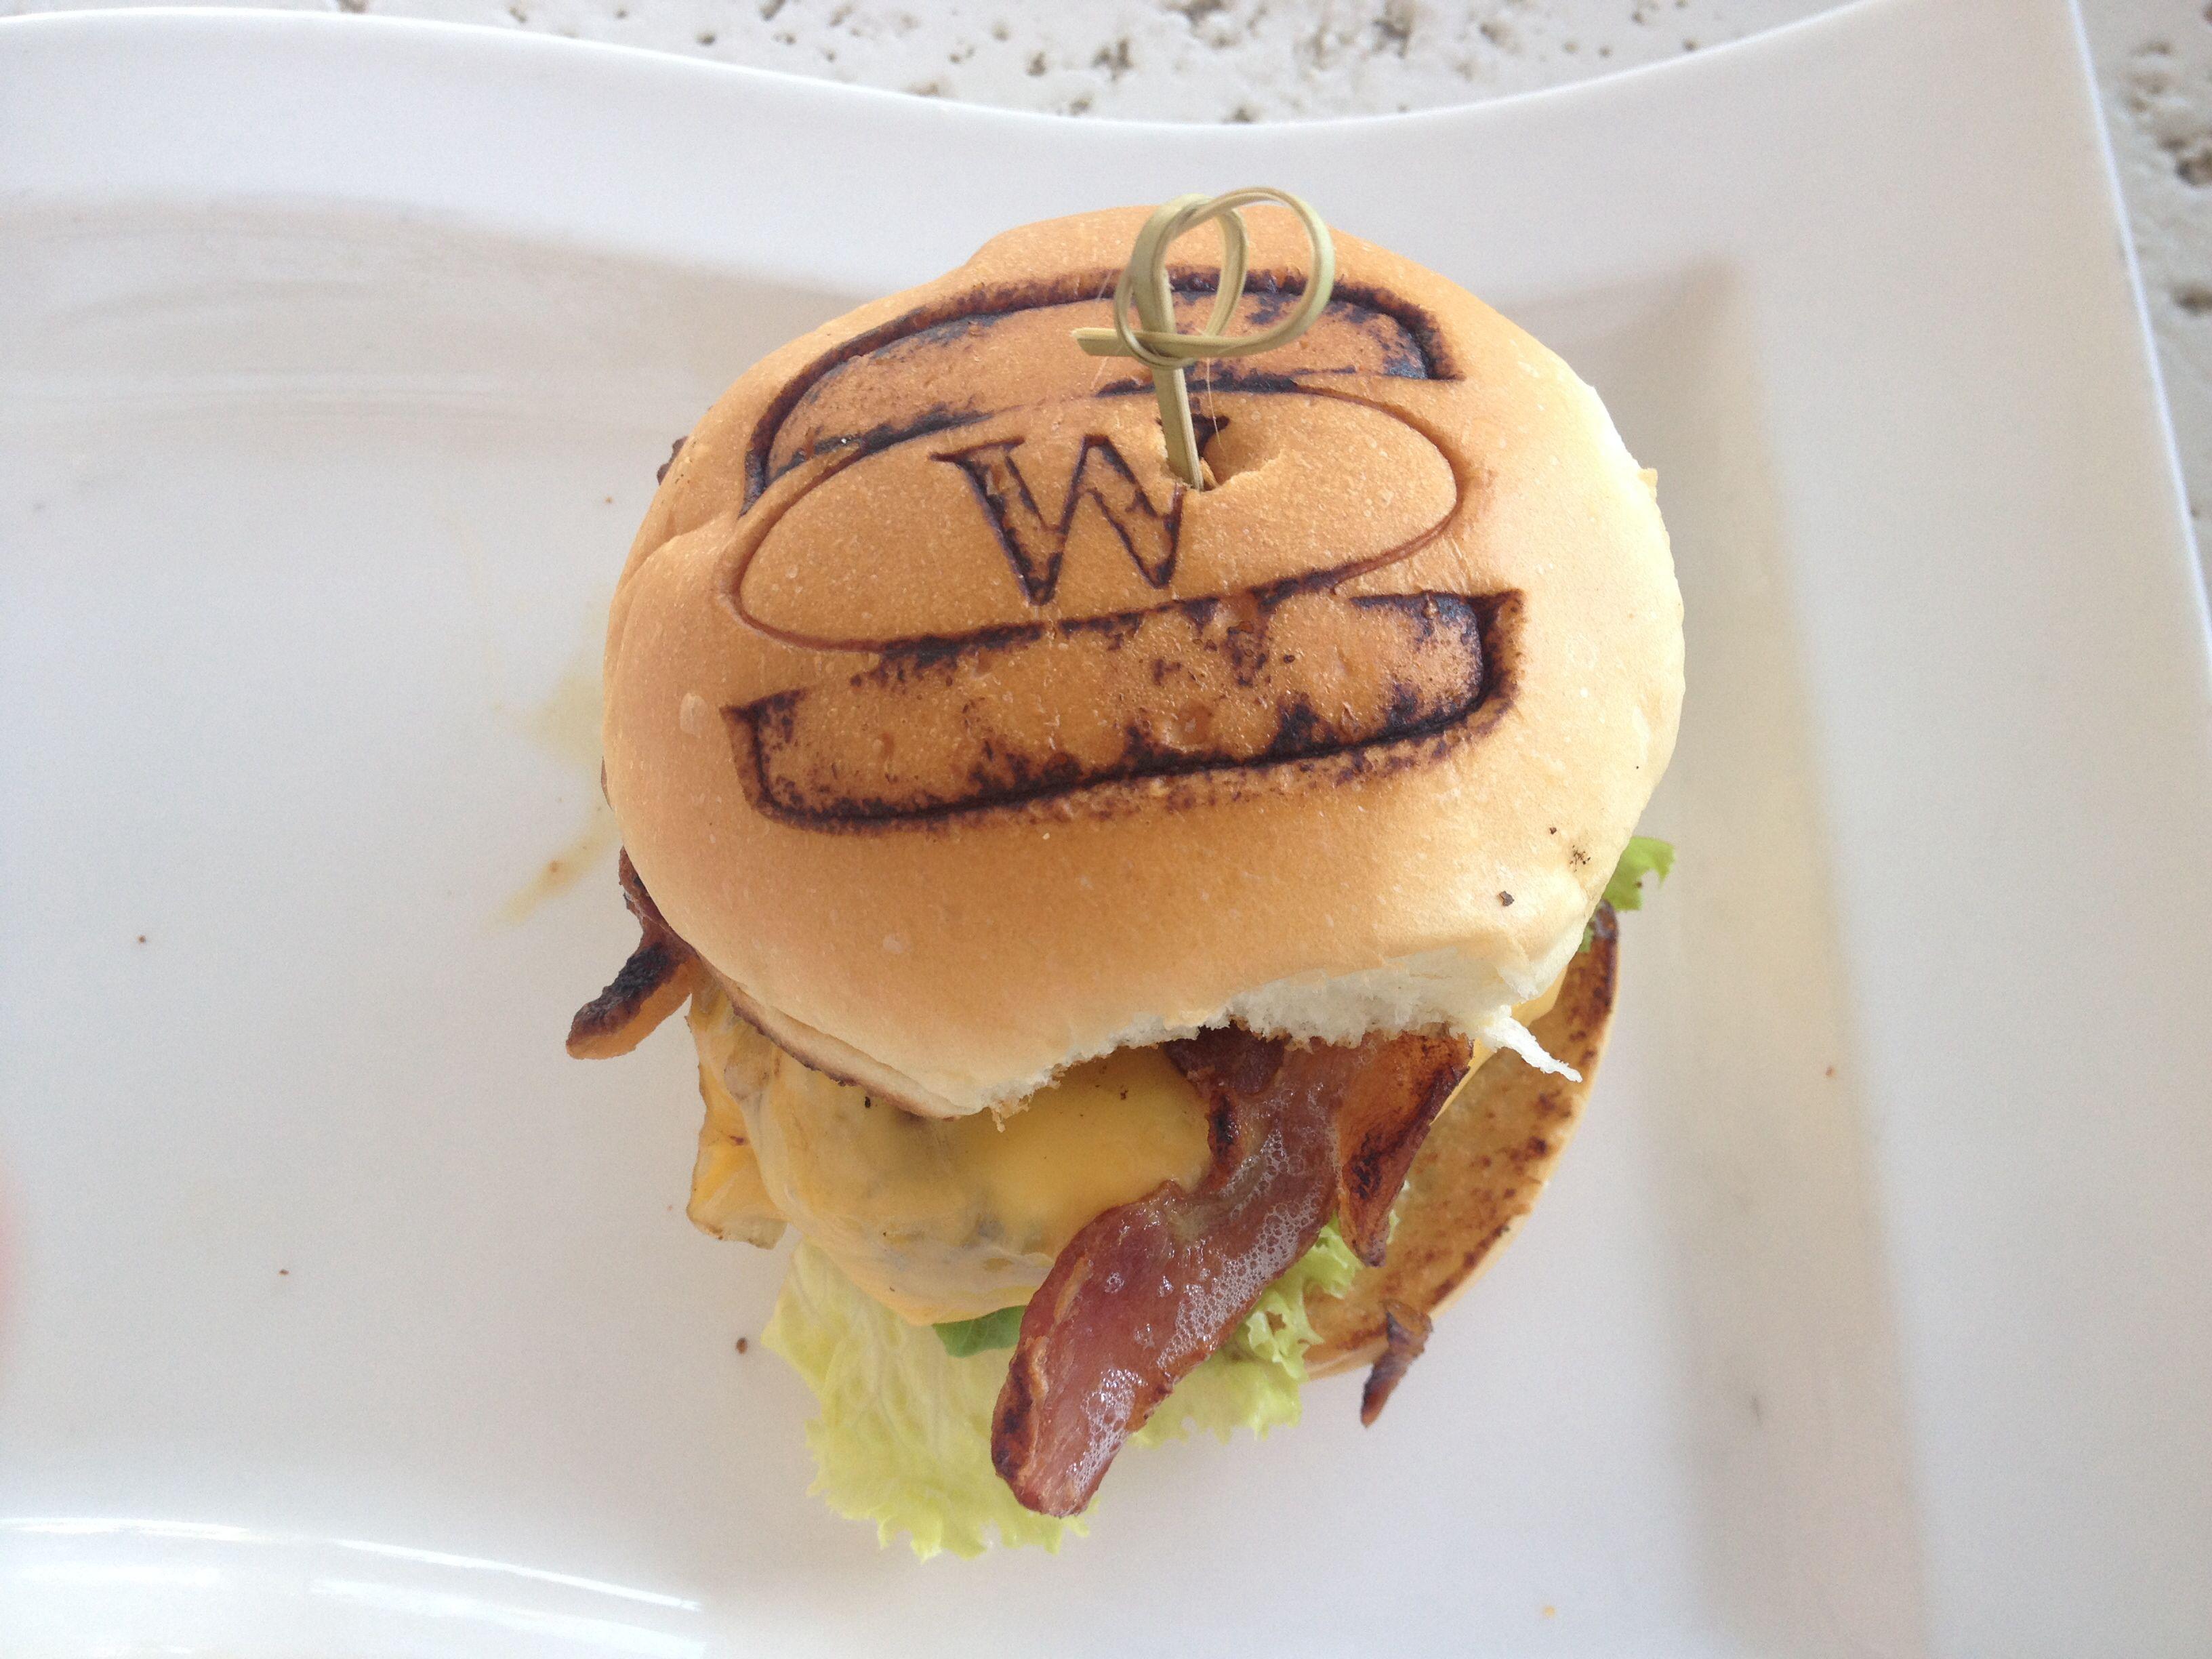 Best little burger